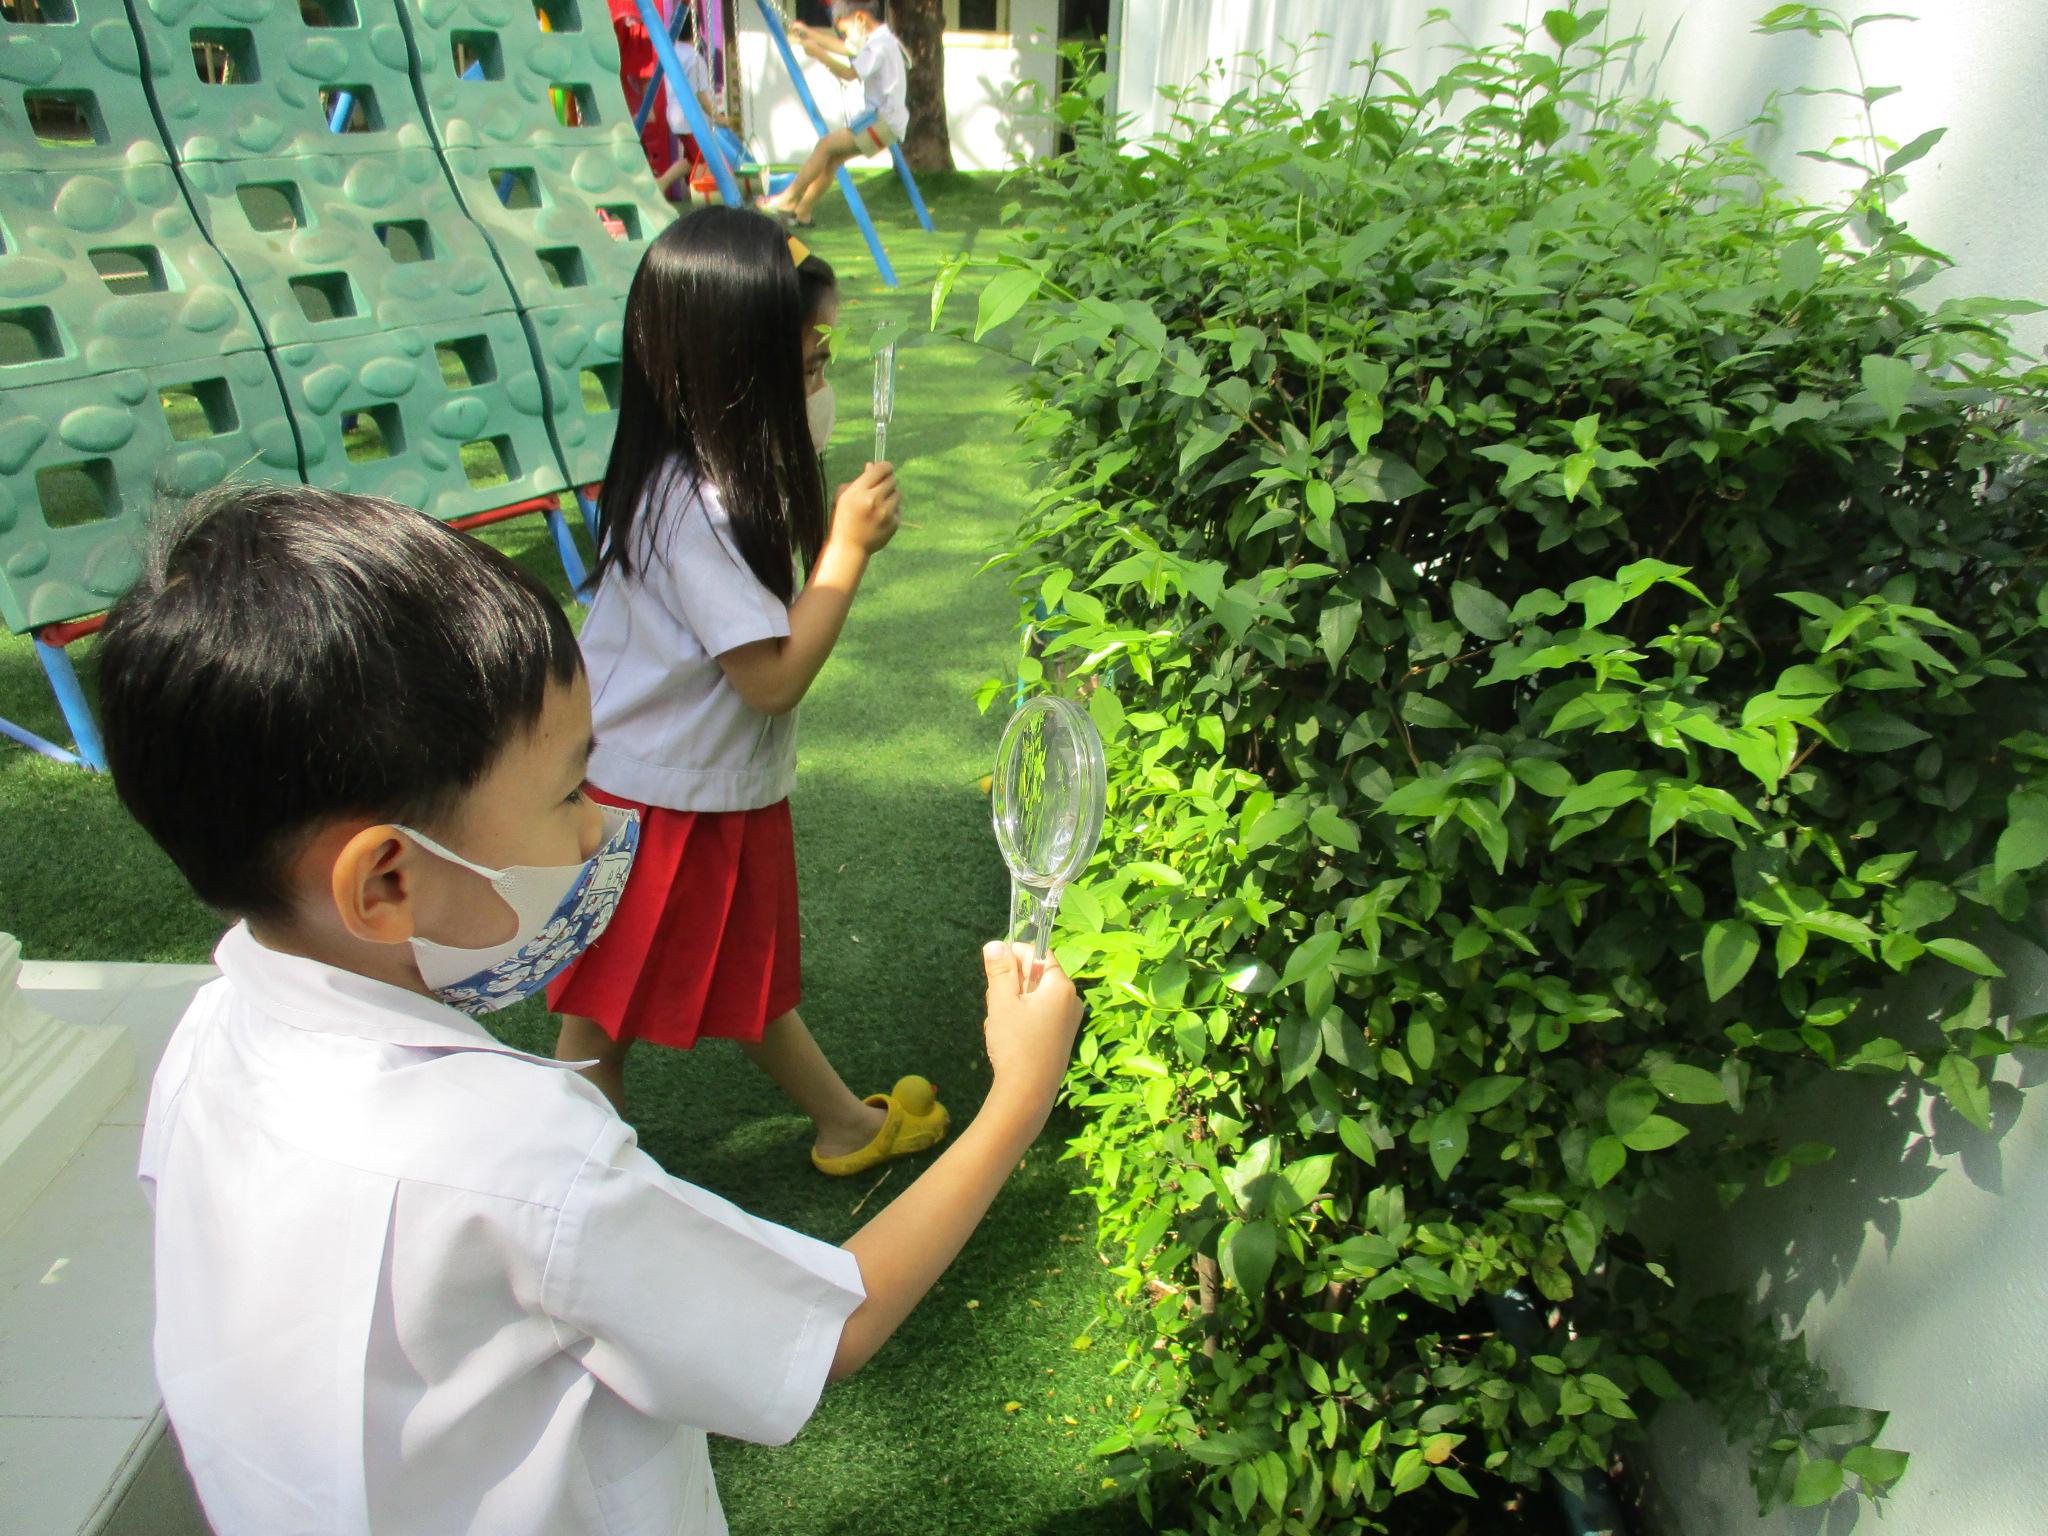 ผลงานเด็กหน่วย ธรรมชาติรอบตัว ชั้นอนุบาลปีที่ 2